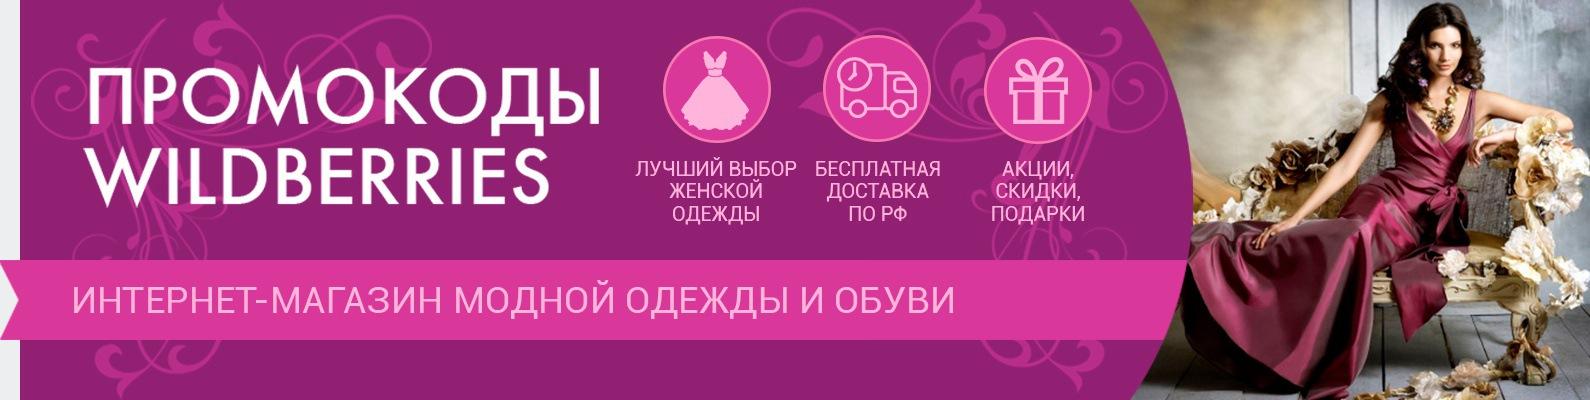 Промокод Wildberries   ВКонтакте 07bc879b16c